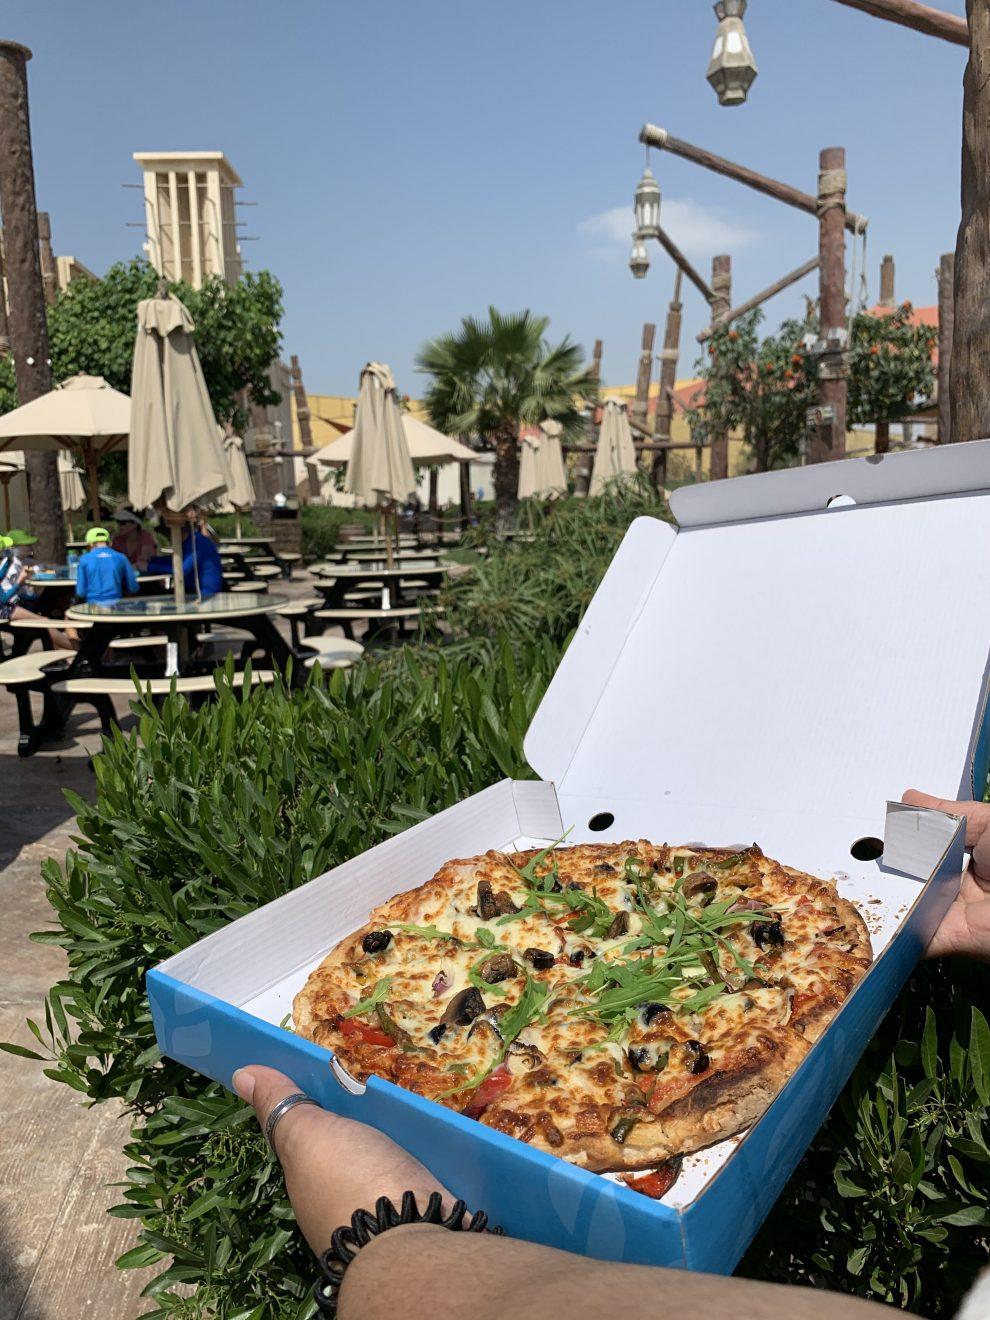 YW_Danas_Diner_Pizza